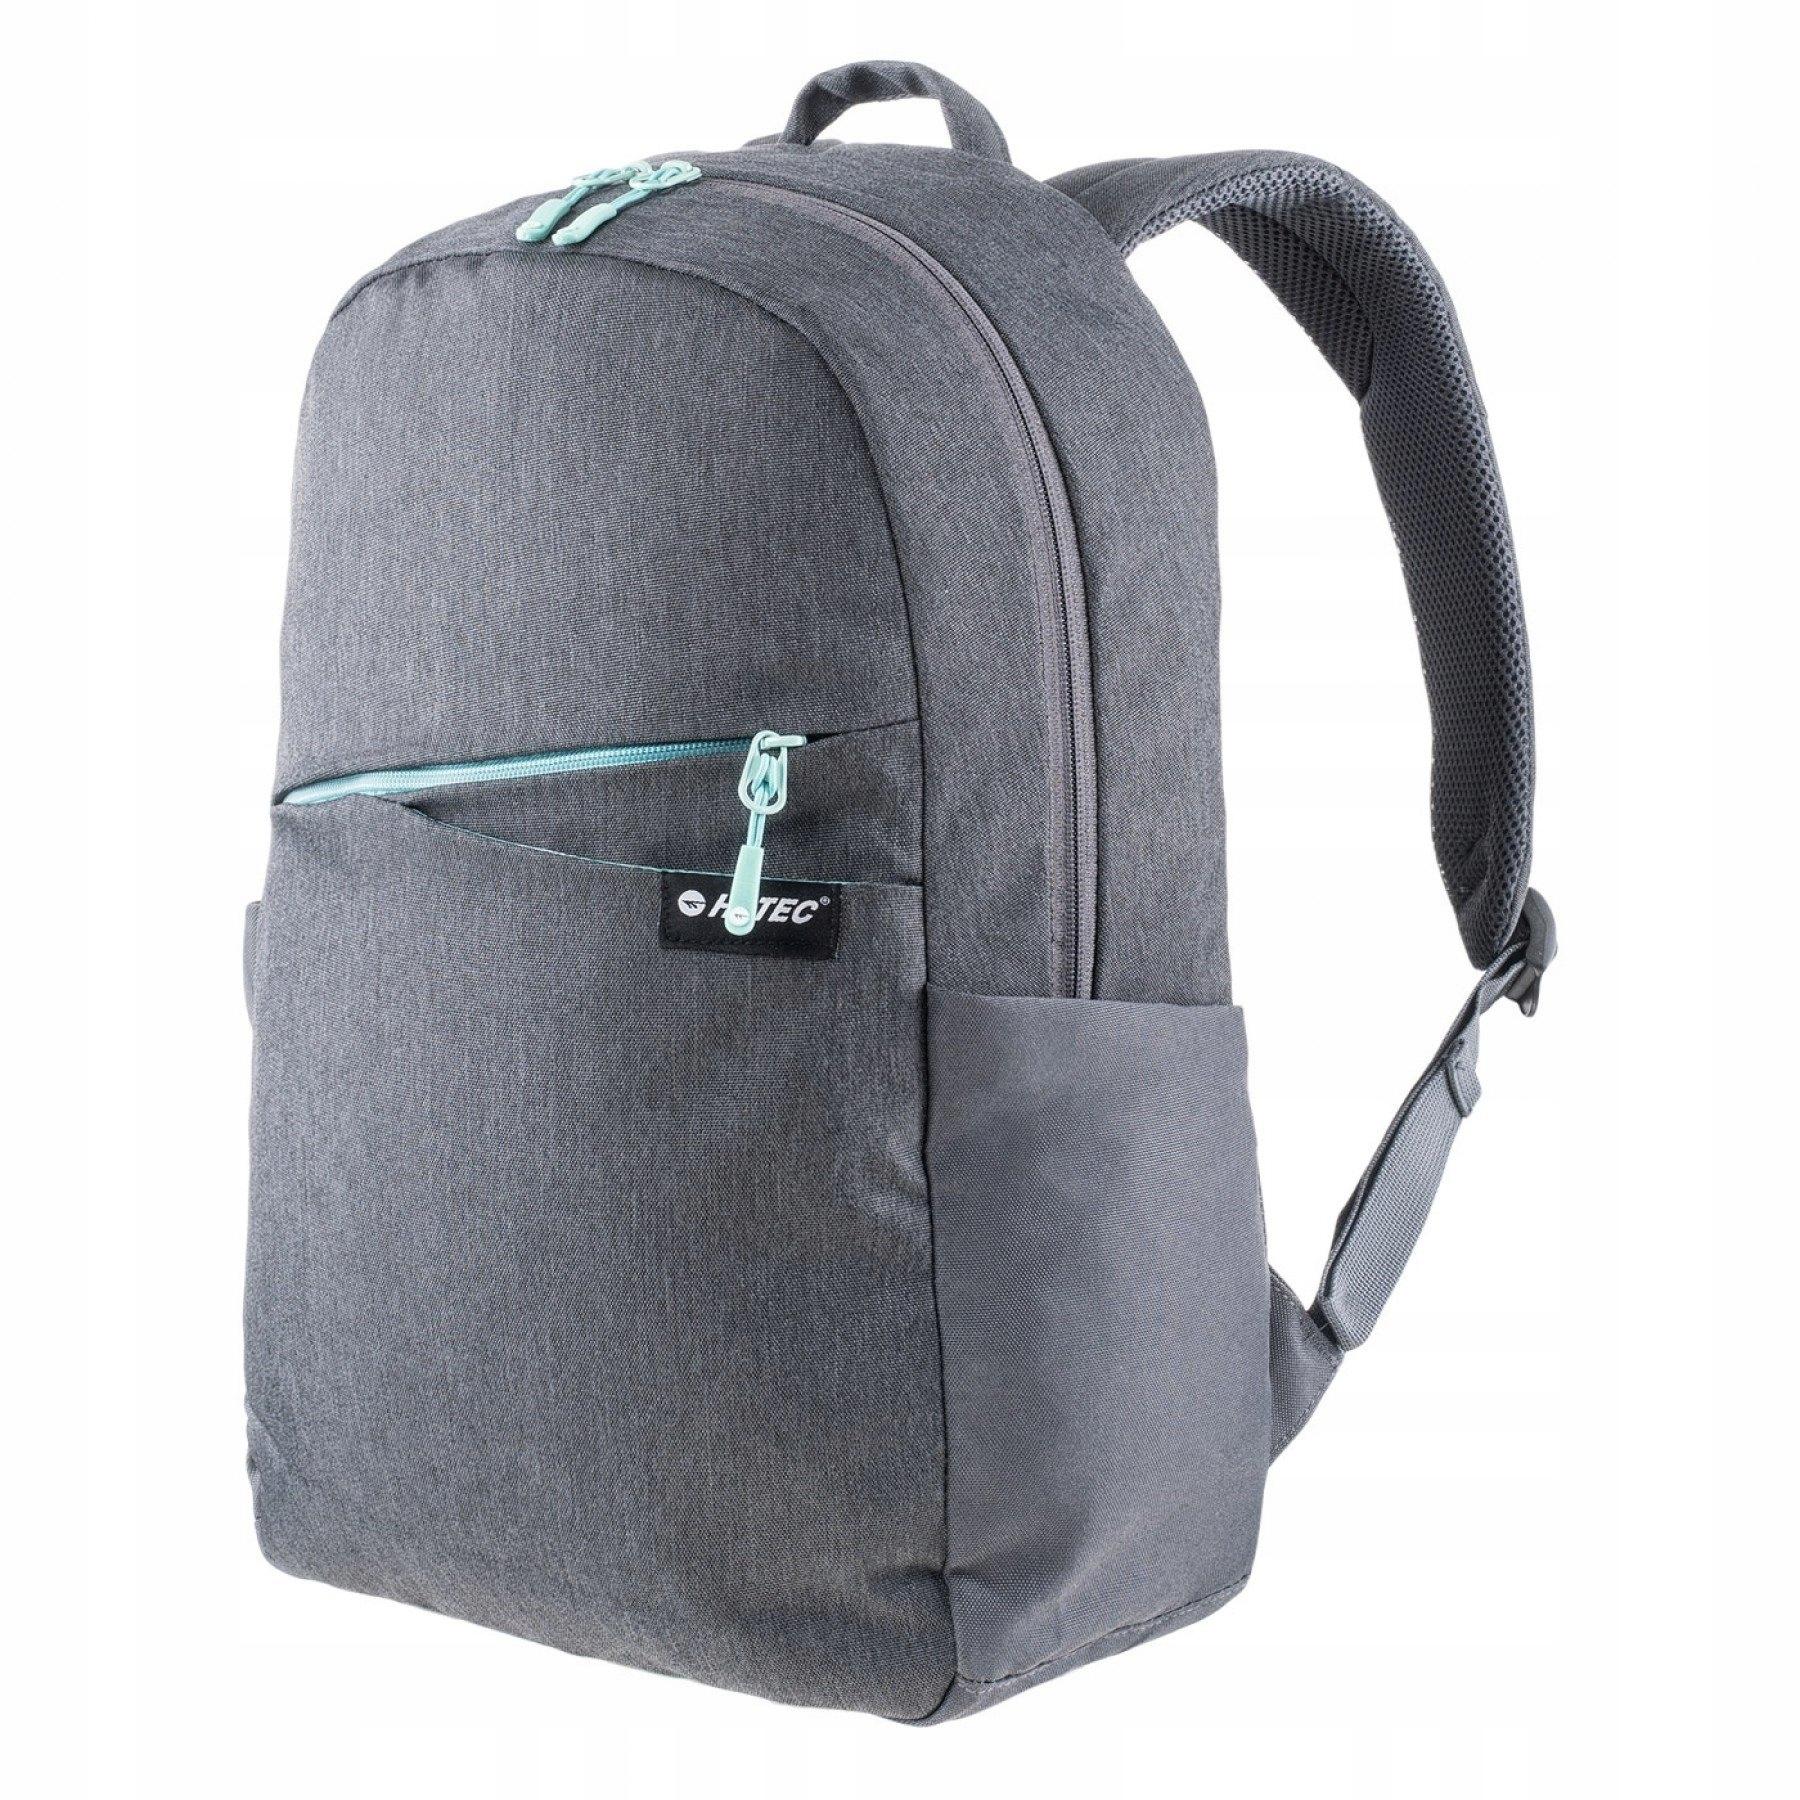 Hi-Tec SLANT Plecak Miejski Turystyczny 18L